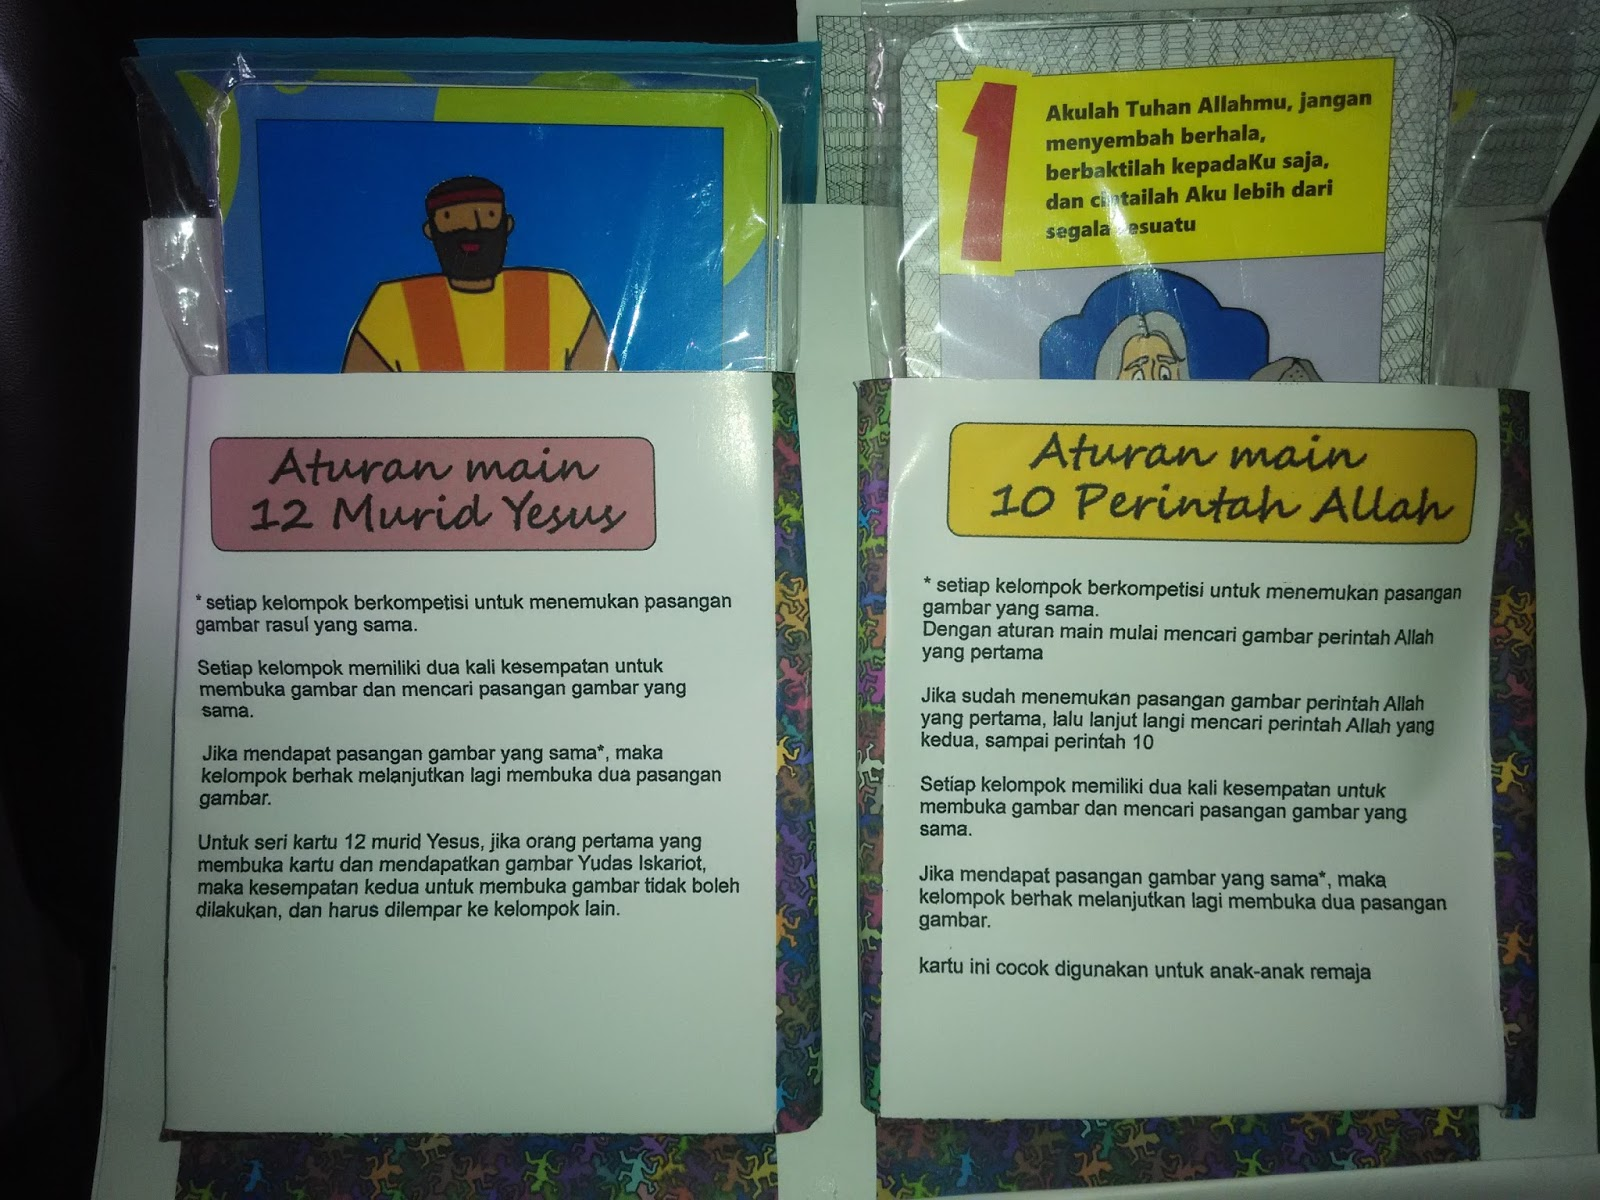 contoh isi dari kartu bingo